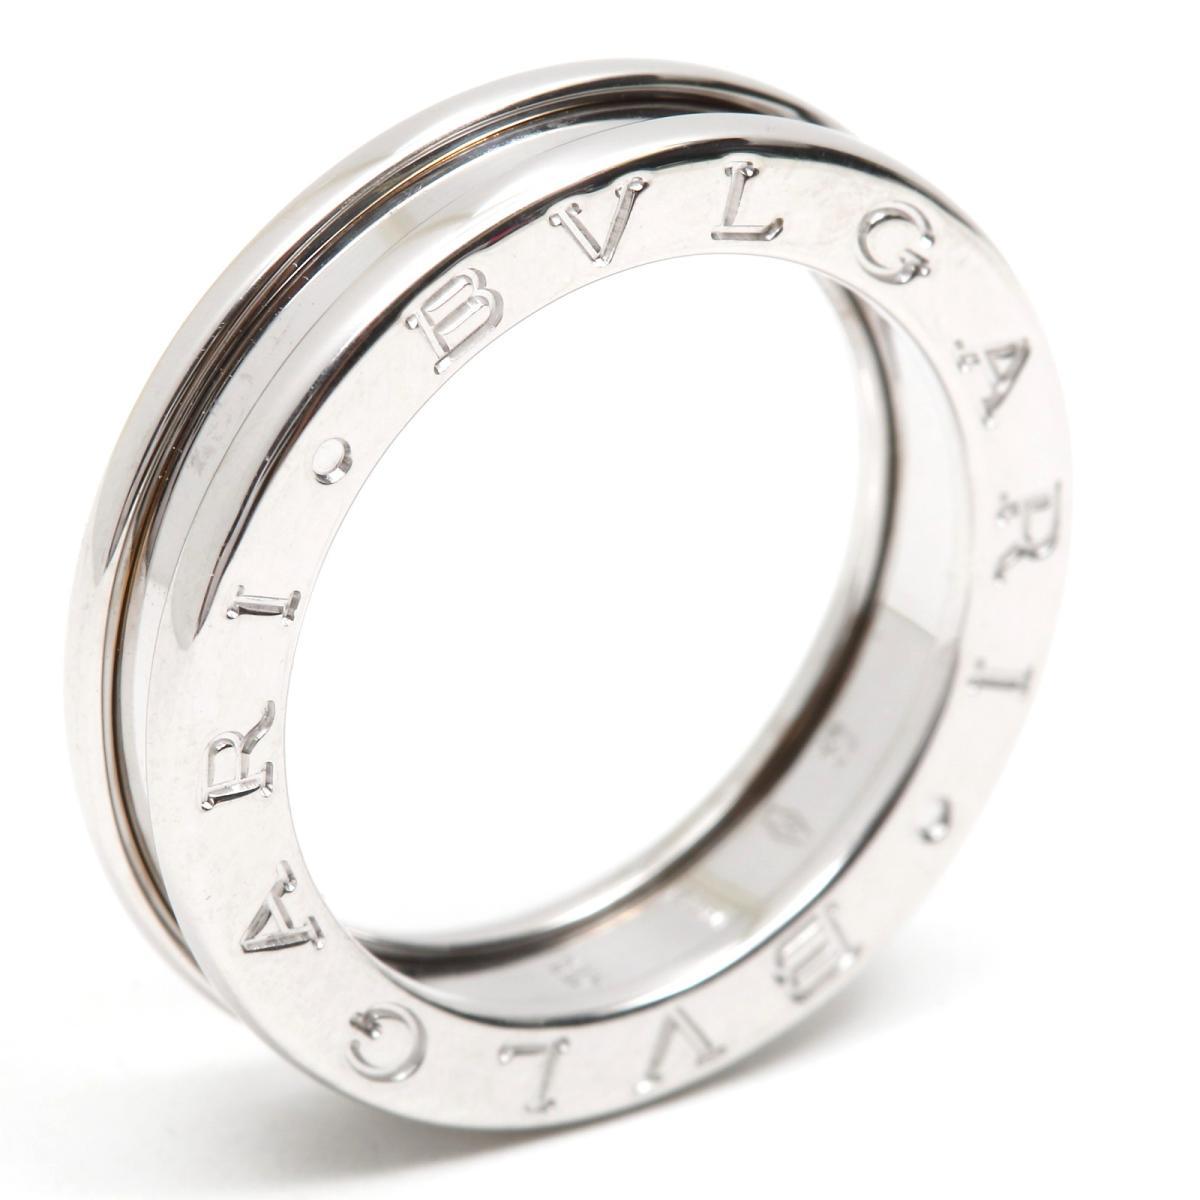 ブルガリ B-zero1 リング XSサイズ ビーゼロワン 指輪 ブランドジュエリー レディース K18WG (750) ホワイトゴールド 【中古】   BVLGARI BRANDOFF ブランドオフ ブランド ジュエリー アクセサリー